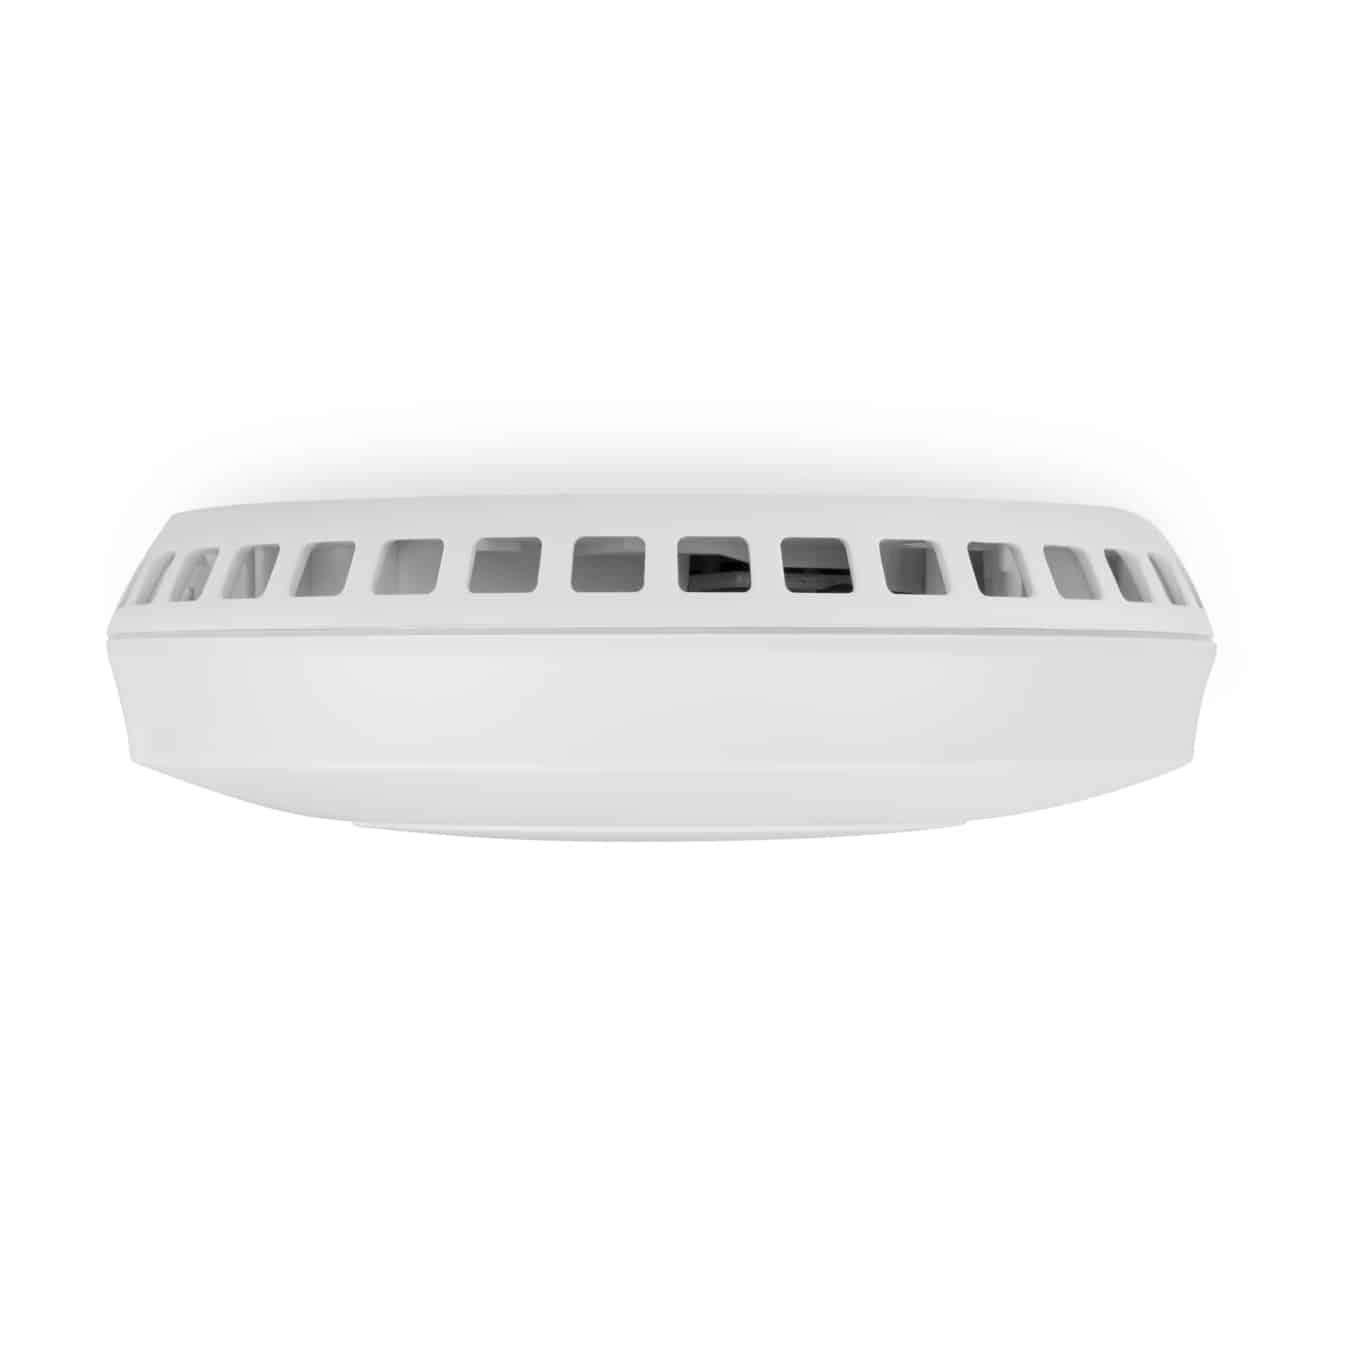 Koop Homewizard SH8-99103 Slimme rookmelder set